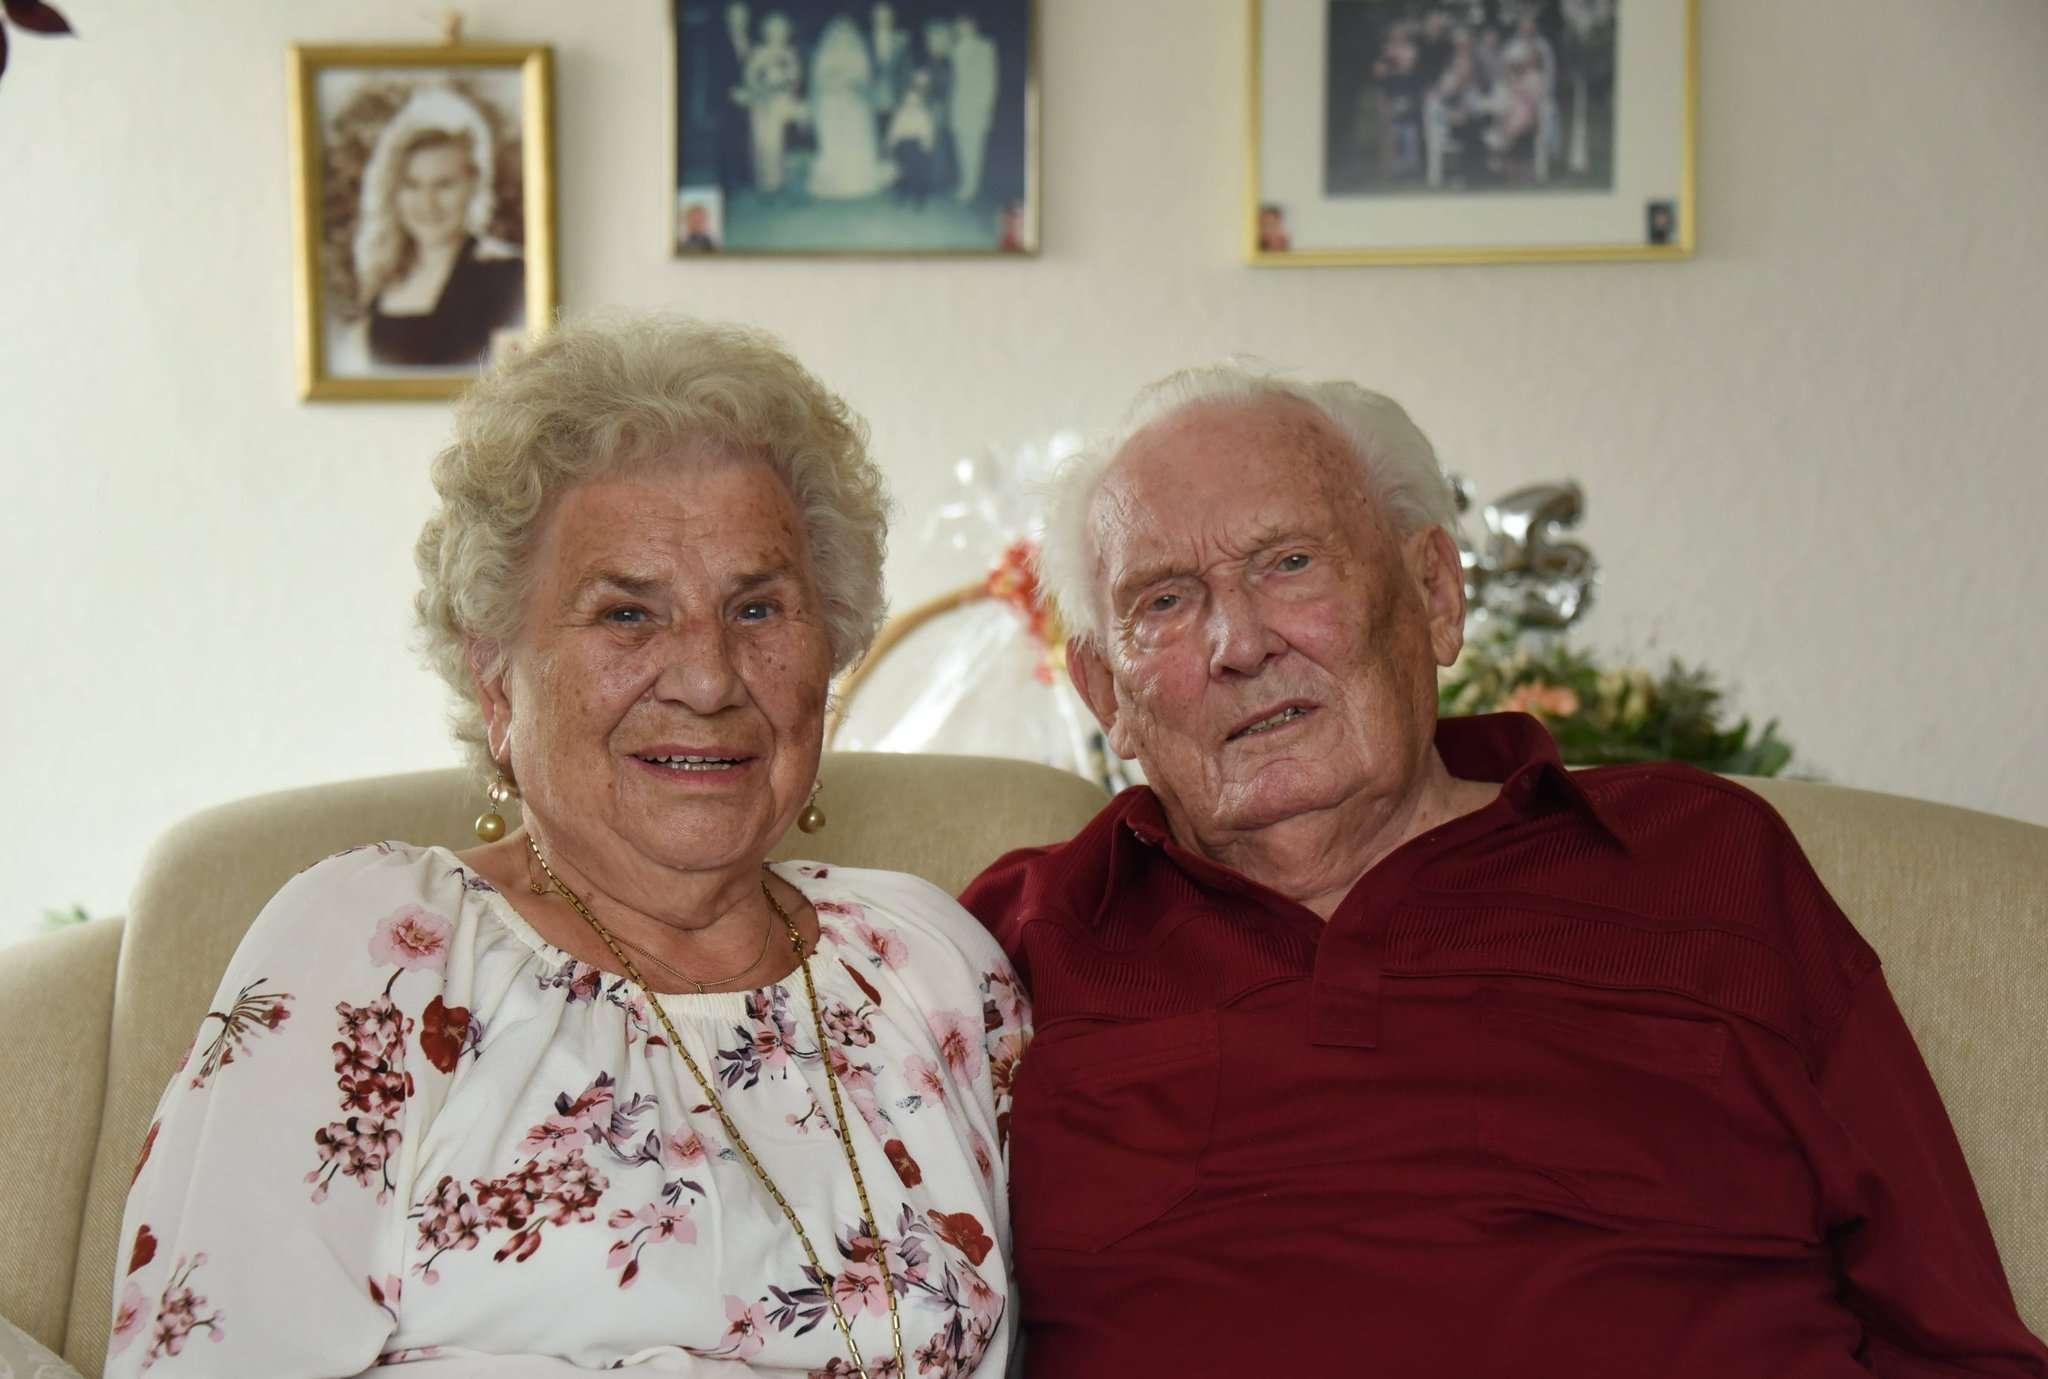 Elly und Helmut Ludwig lachen seit über 65 Jahren gemeinsam.